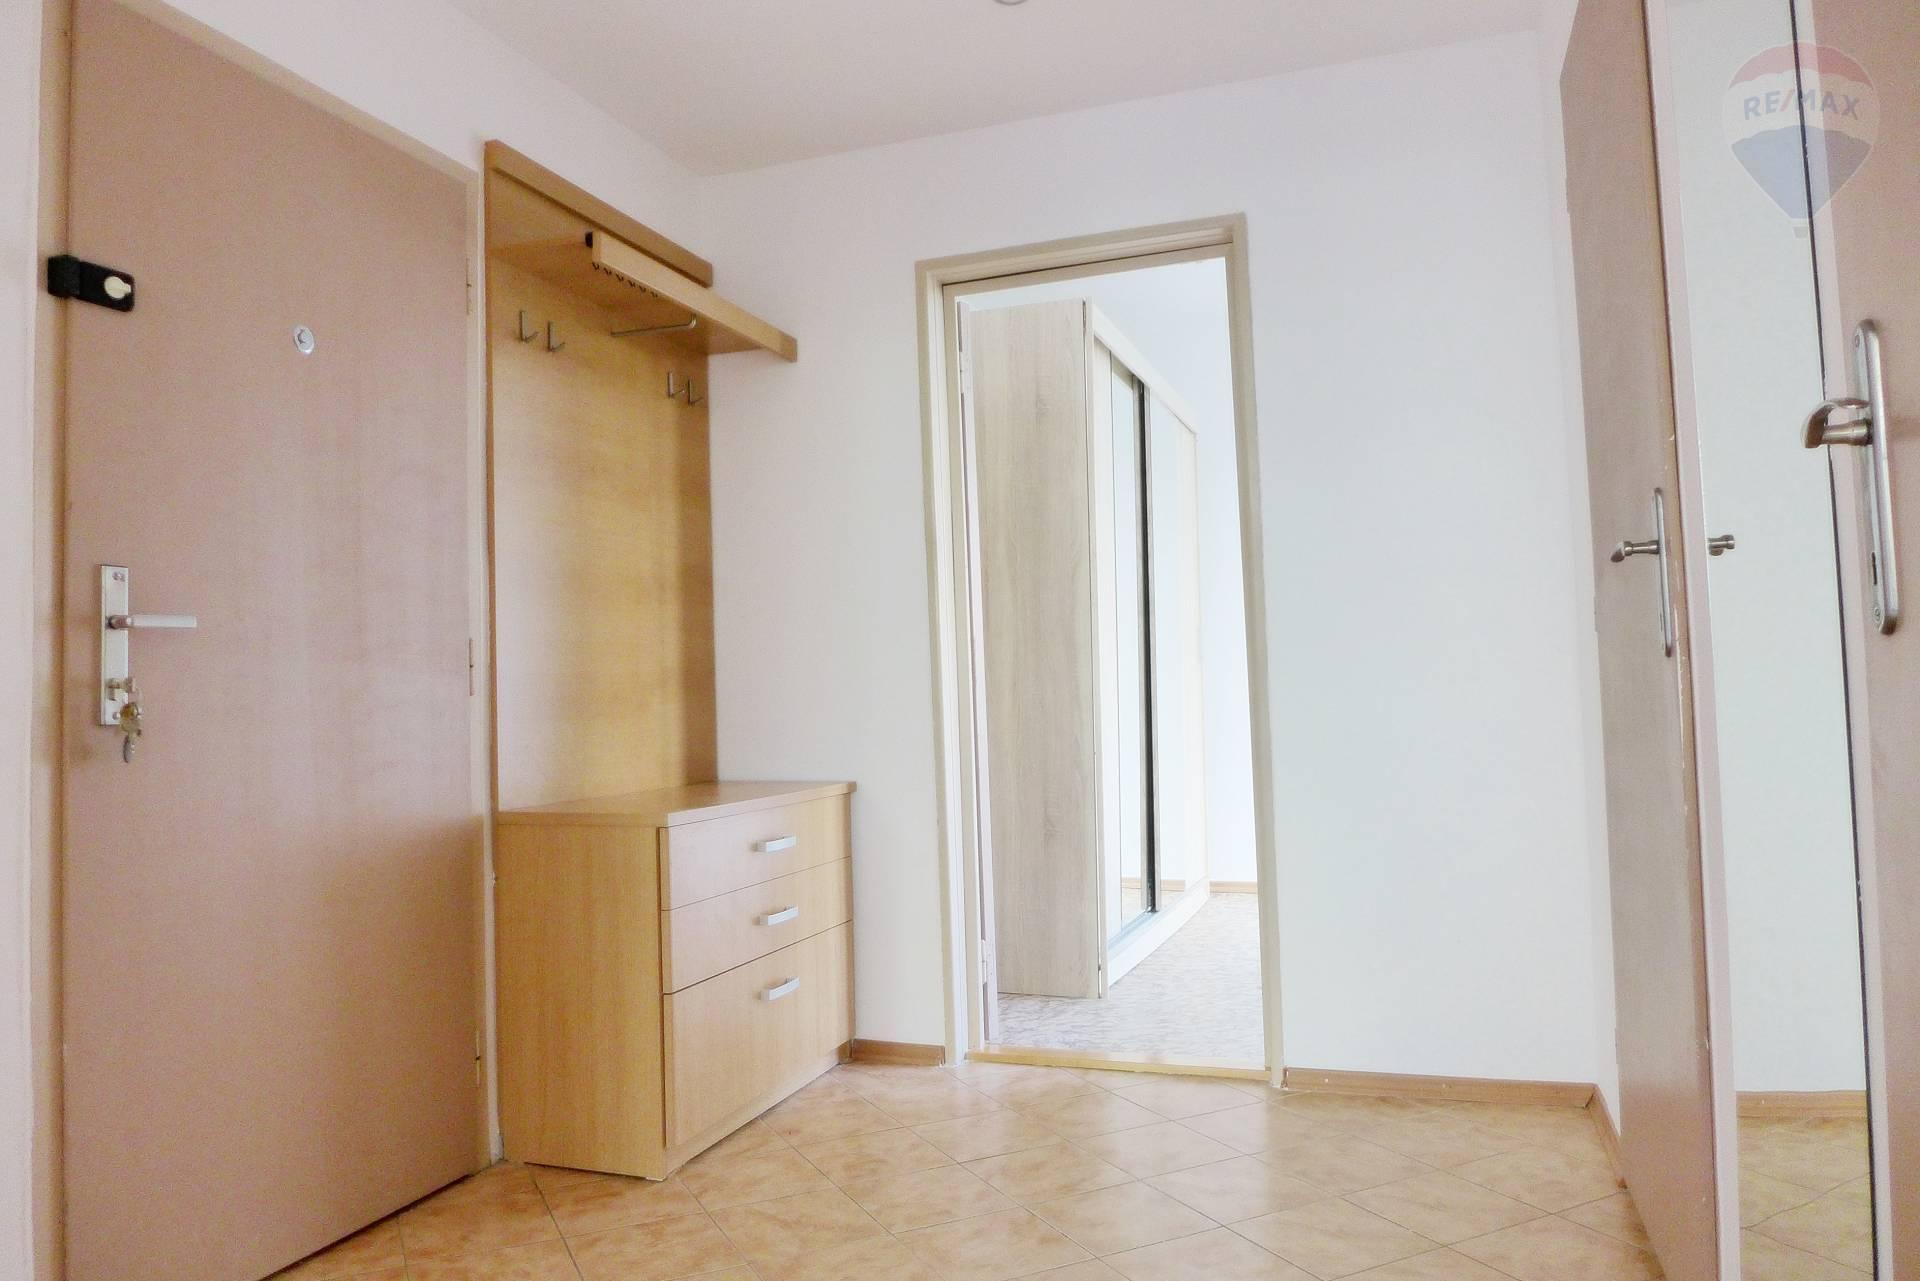 PREDAJ 2 izbový byt, 55 m2  lógia, ul. M. Rázusa sídl. Zapotôčky - PRIEVIDZA